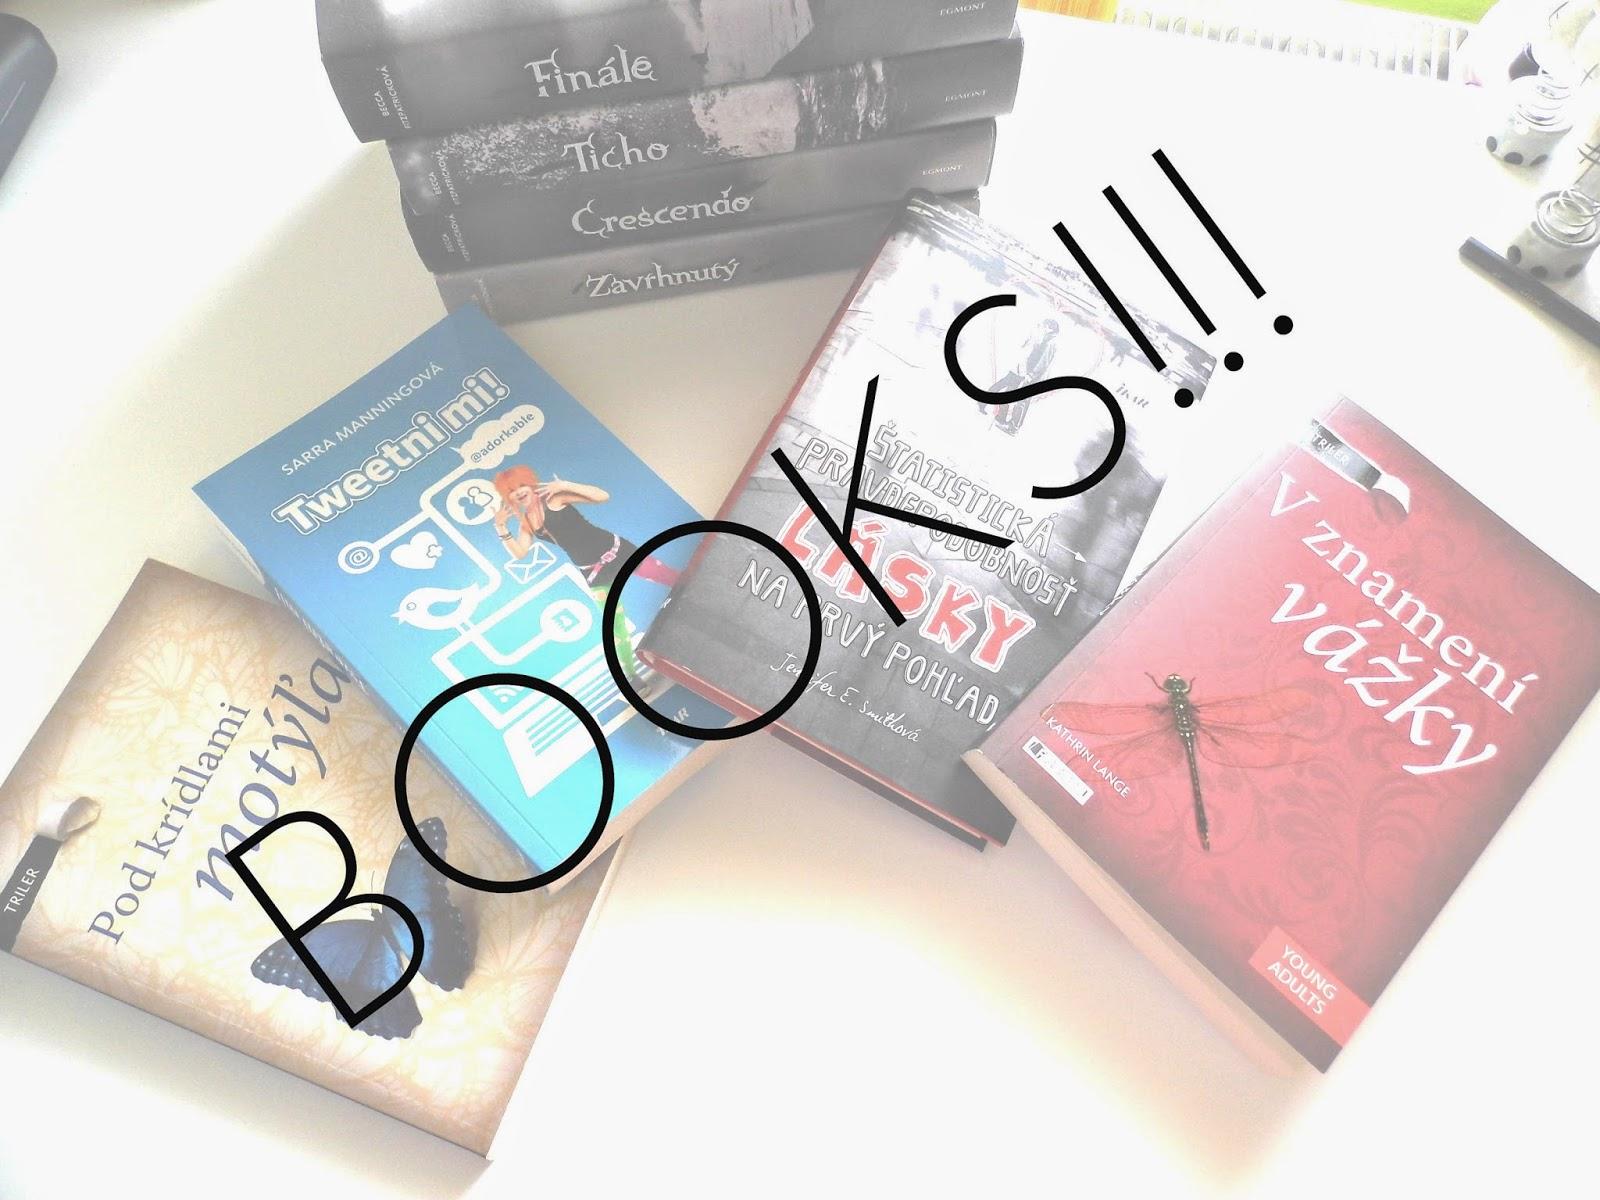 Ktoré knihy som už prečítala?